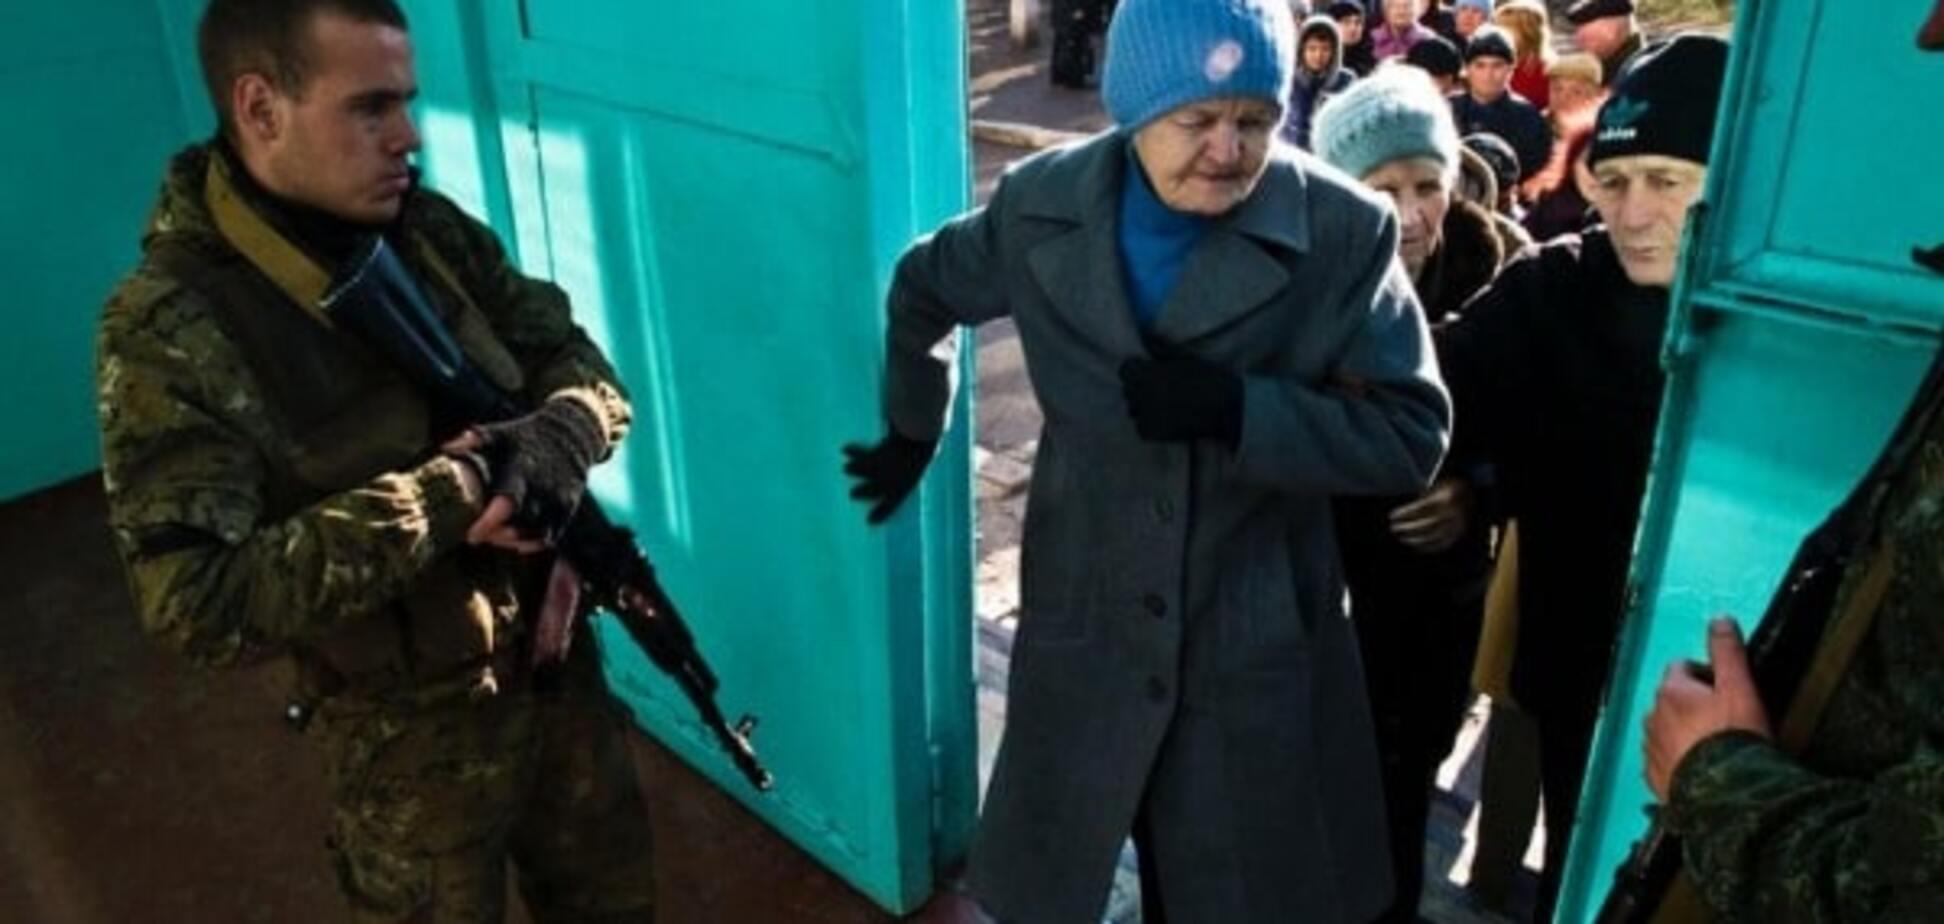 Прямо з окопу: на 'виборах' в 'ДНР' голосували російські військові - ГУР